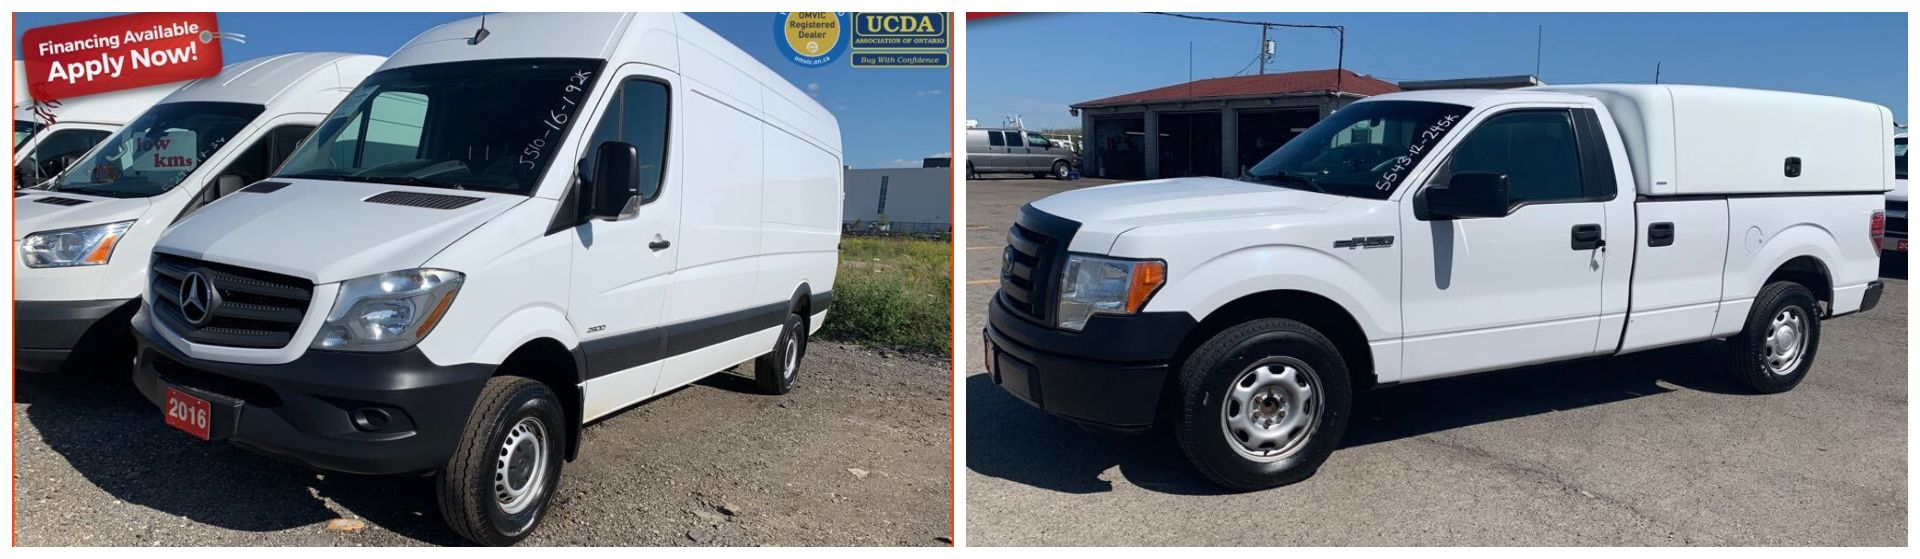 Cargo Van vs Pickup Truck: Advantages & Disadvantages